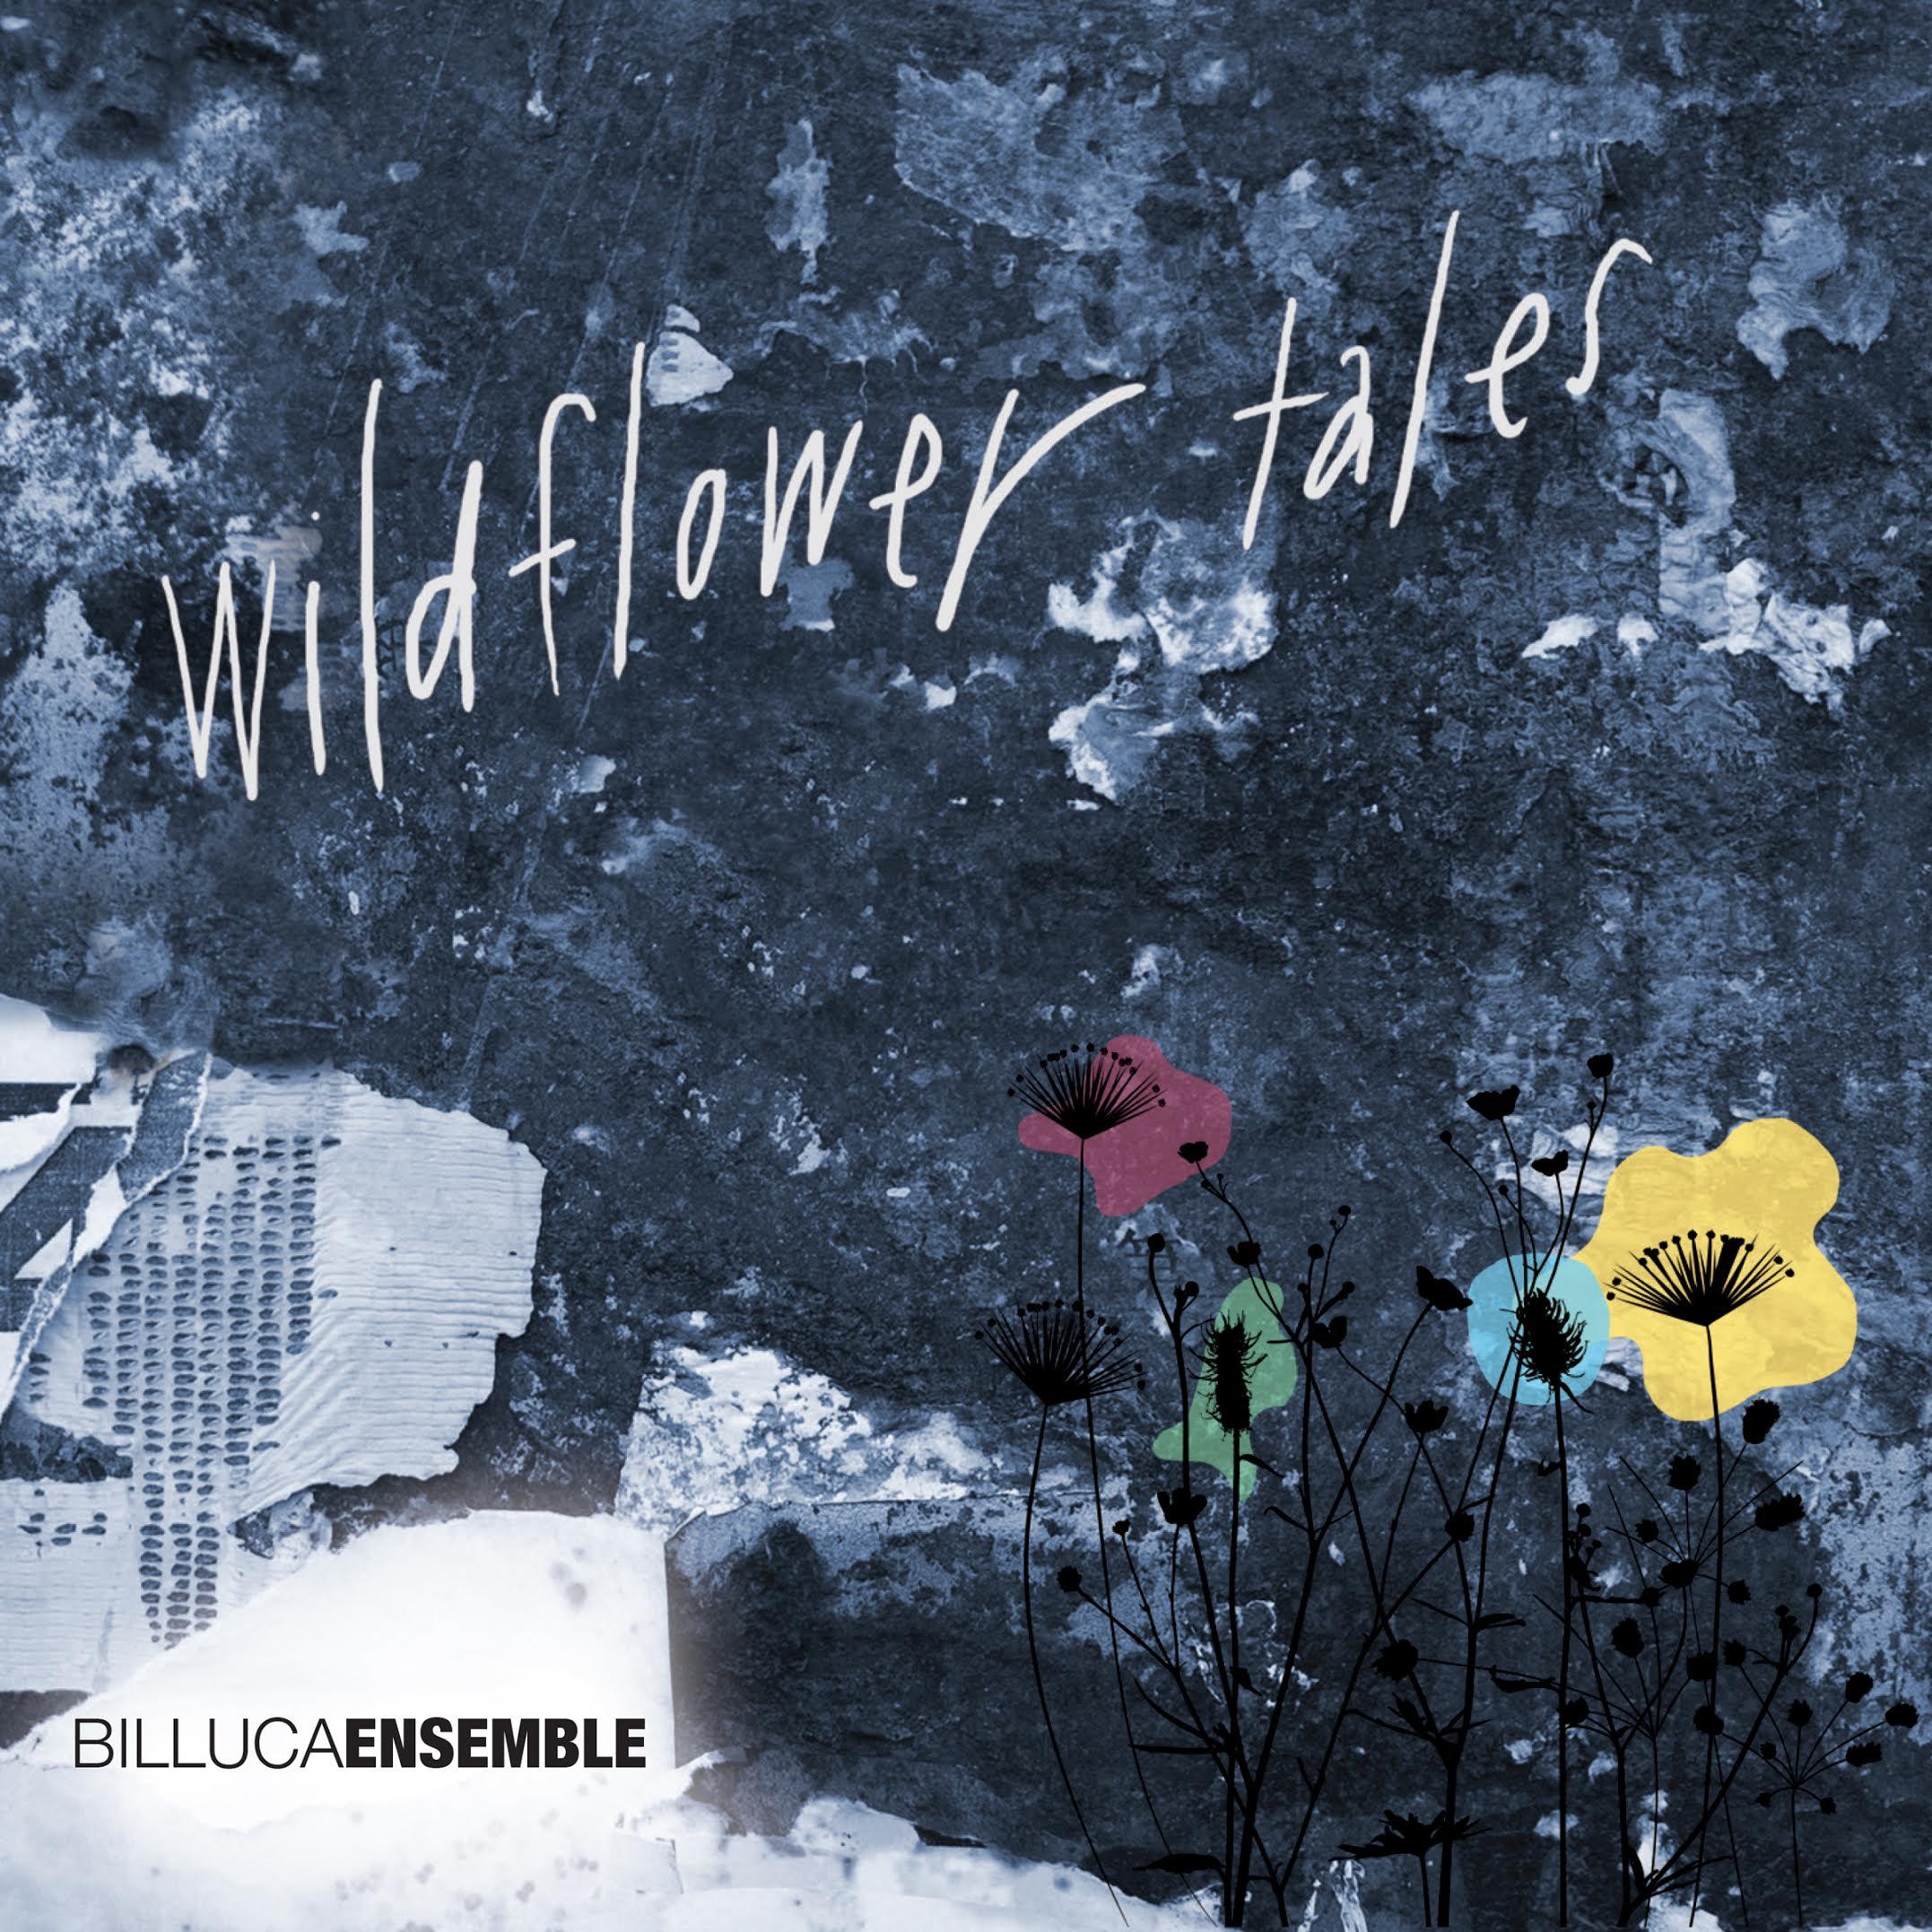 Billuca Ensemble - Wildflower Tales